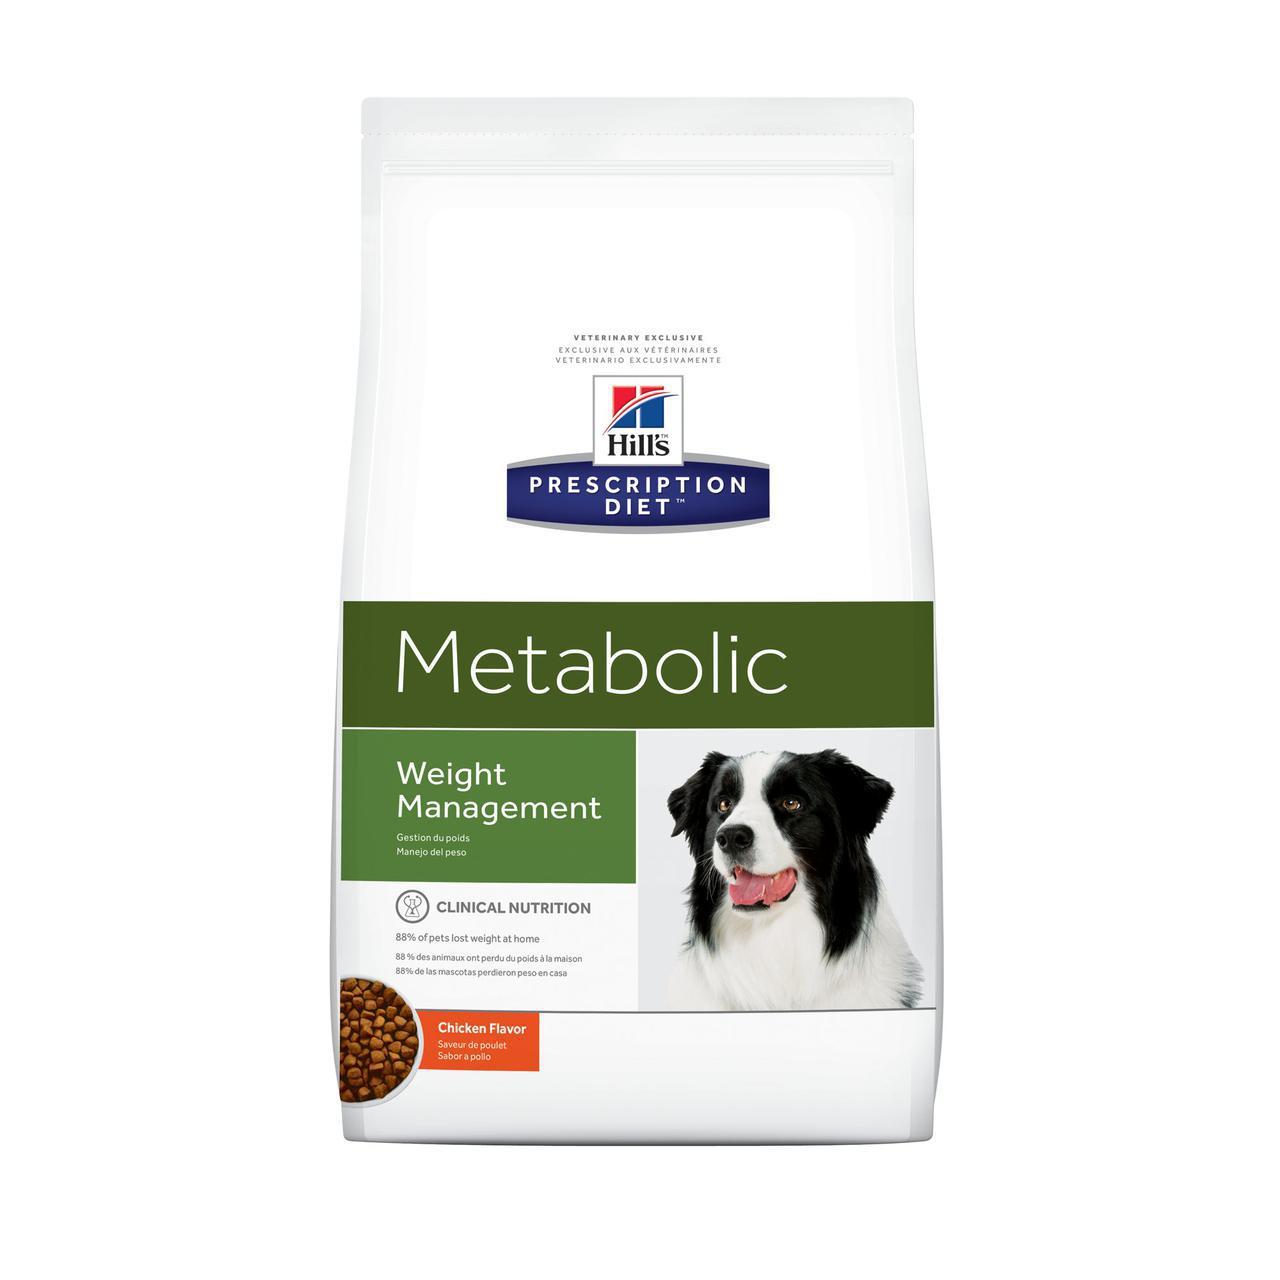 Hill's Prescription Diet Metabolic Canine лечебный корм для снижения и поддержания веса у собак 1,5КГ